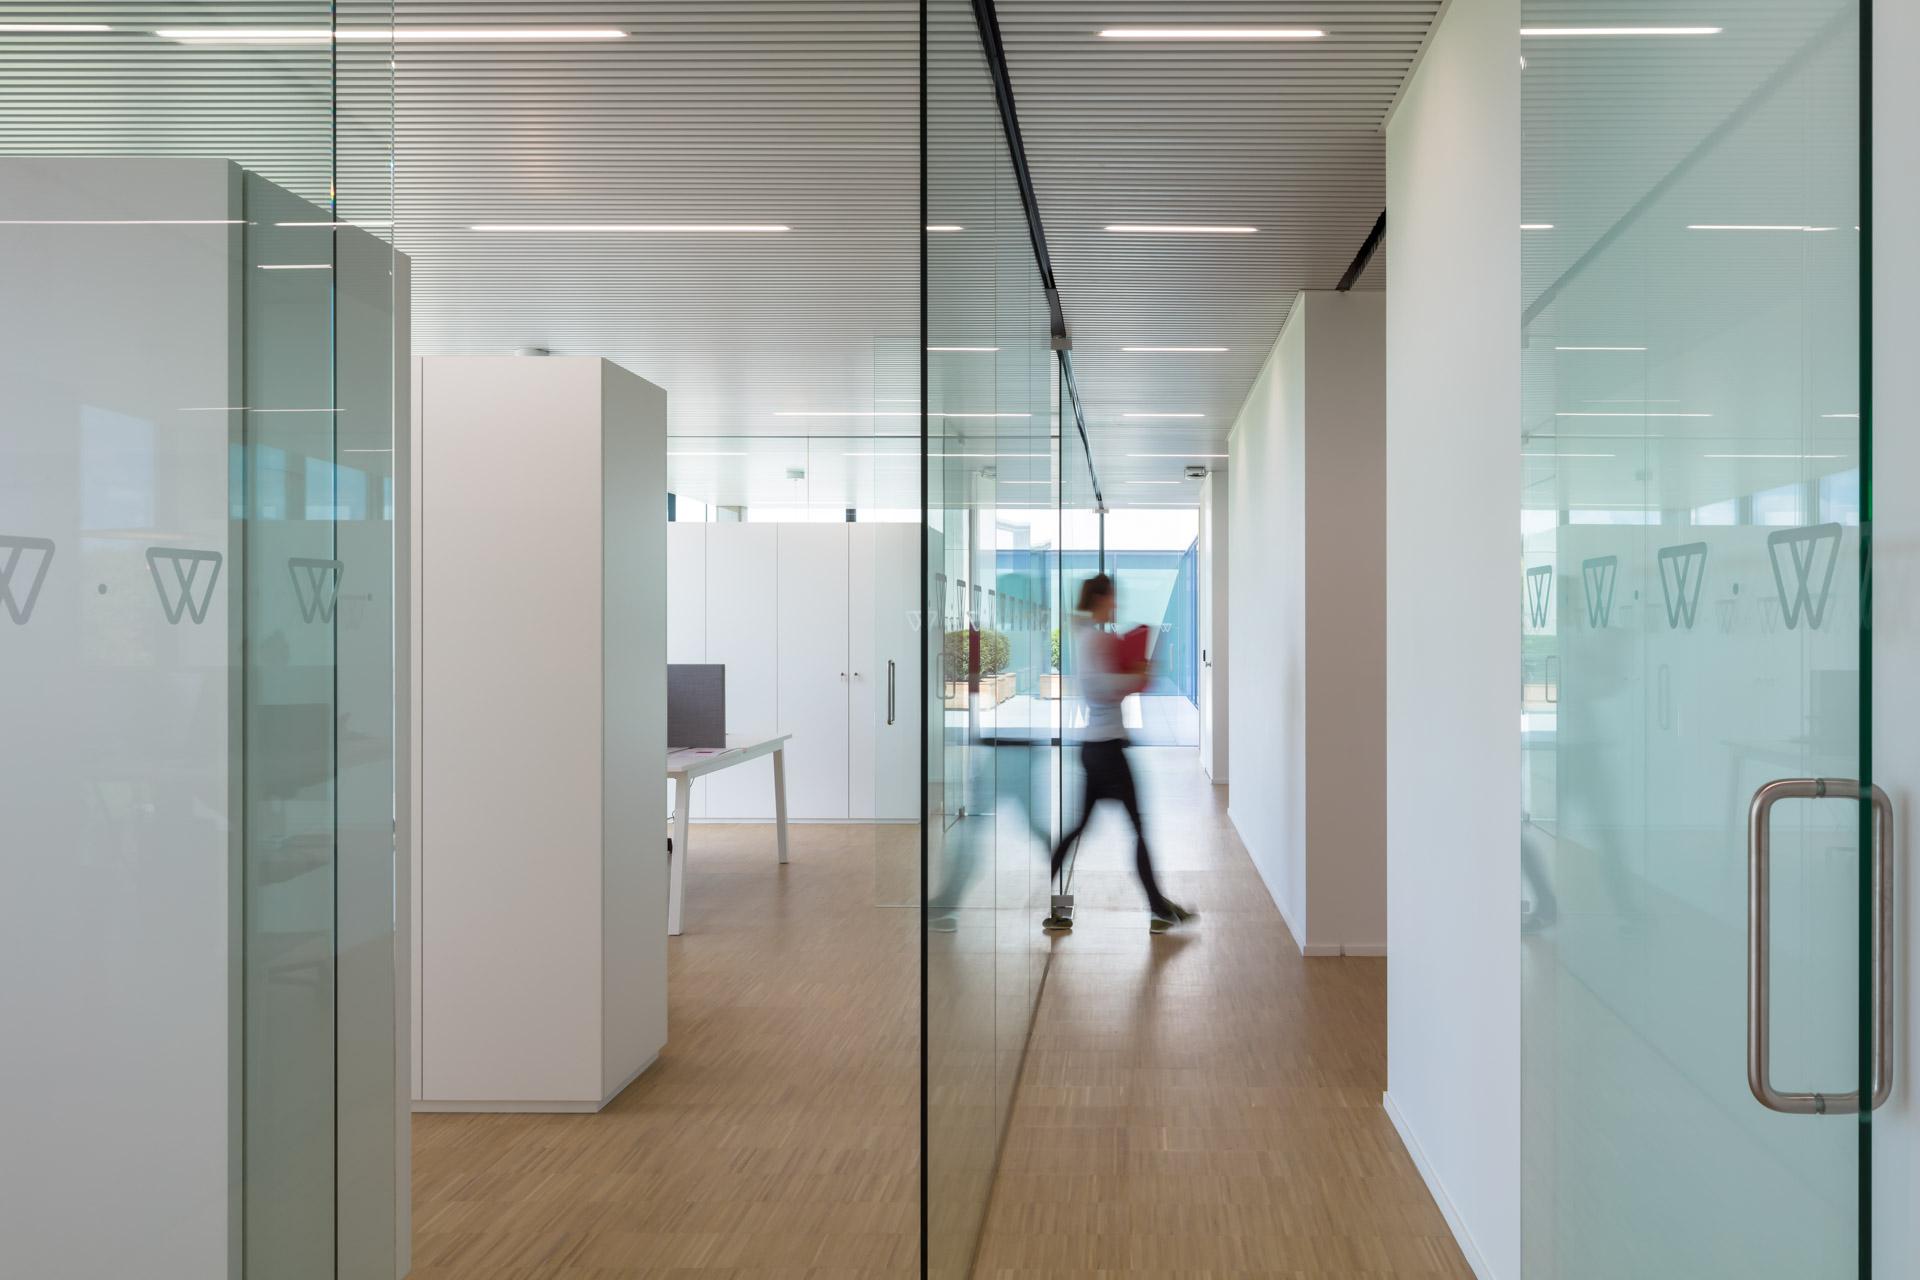 Geel | interieur van kantoor - vrouw loopt door gang